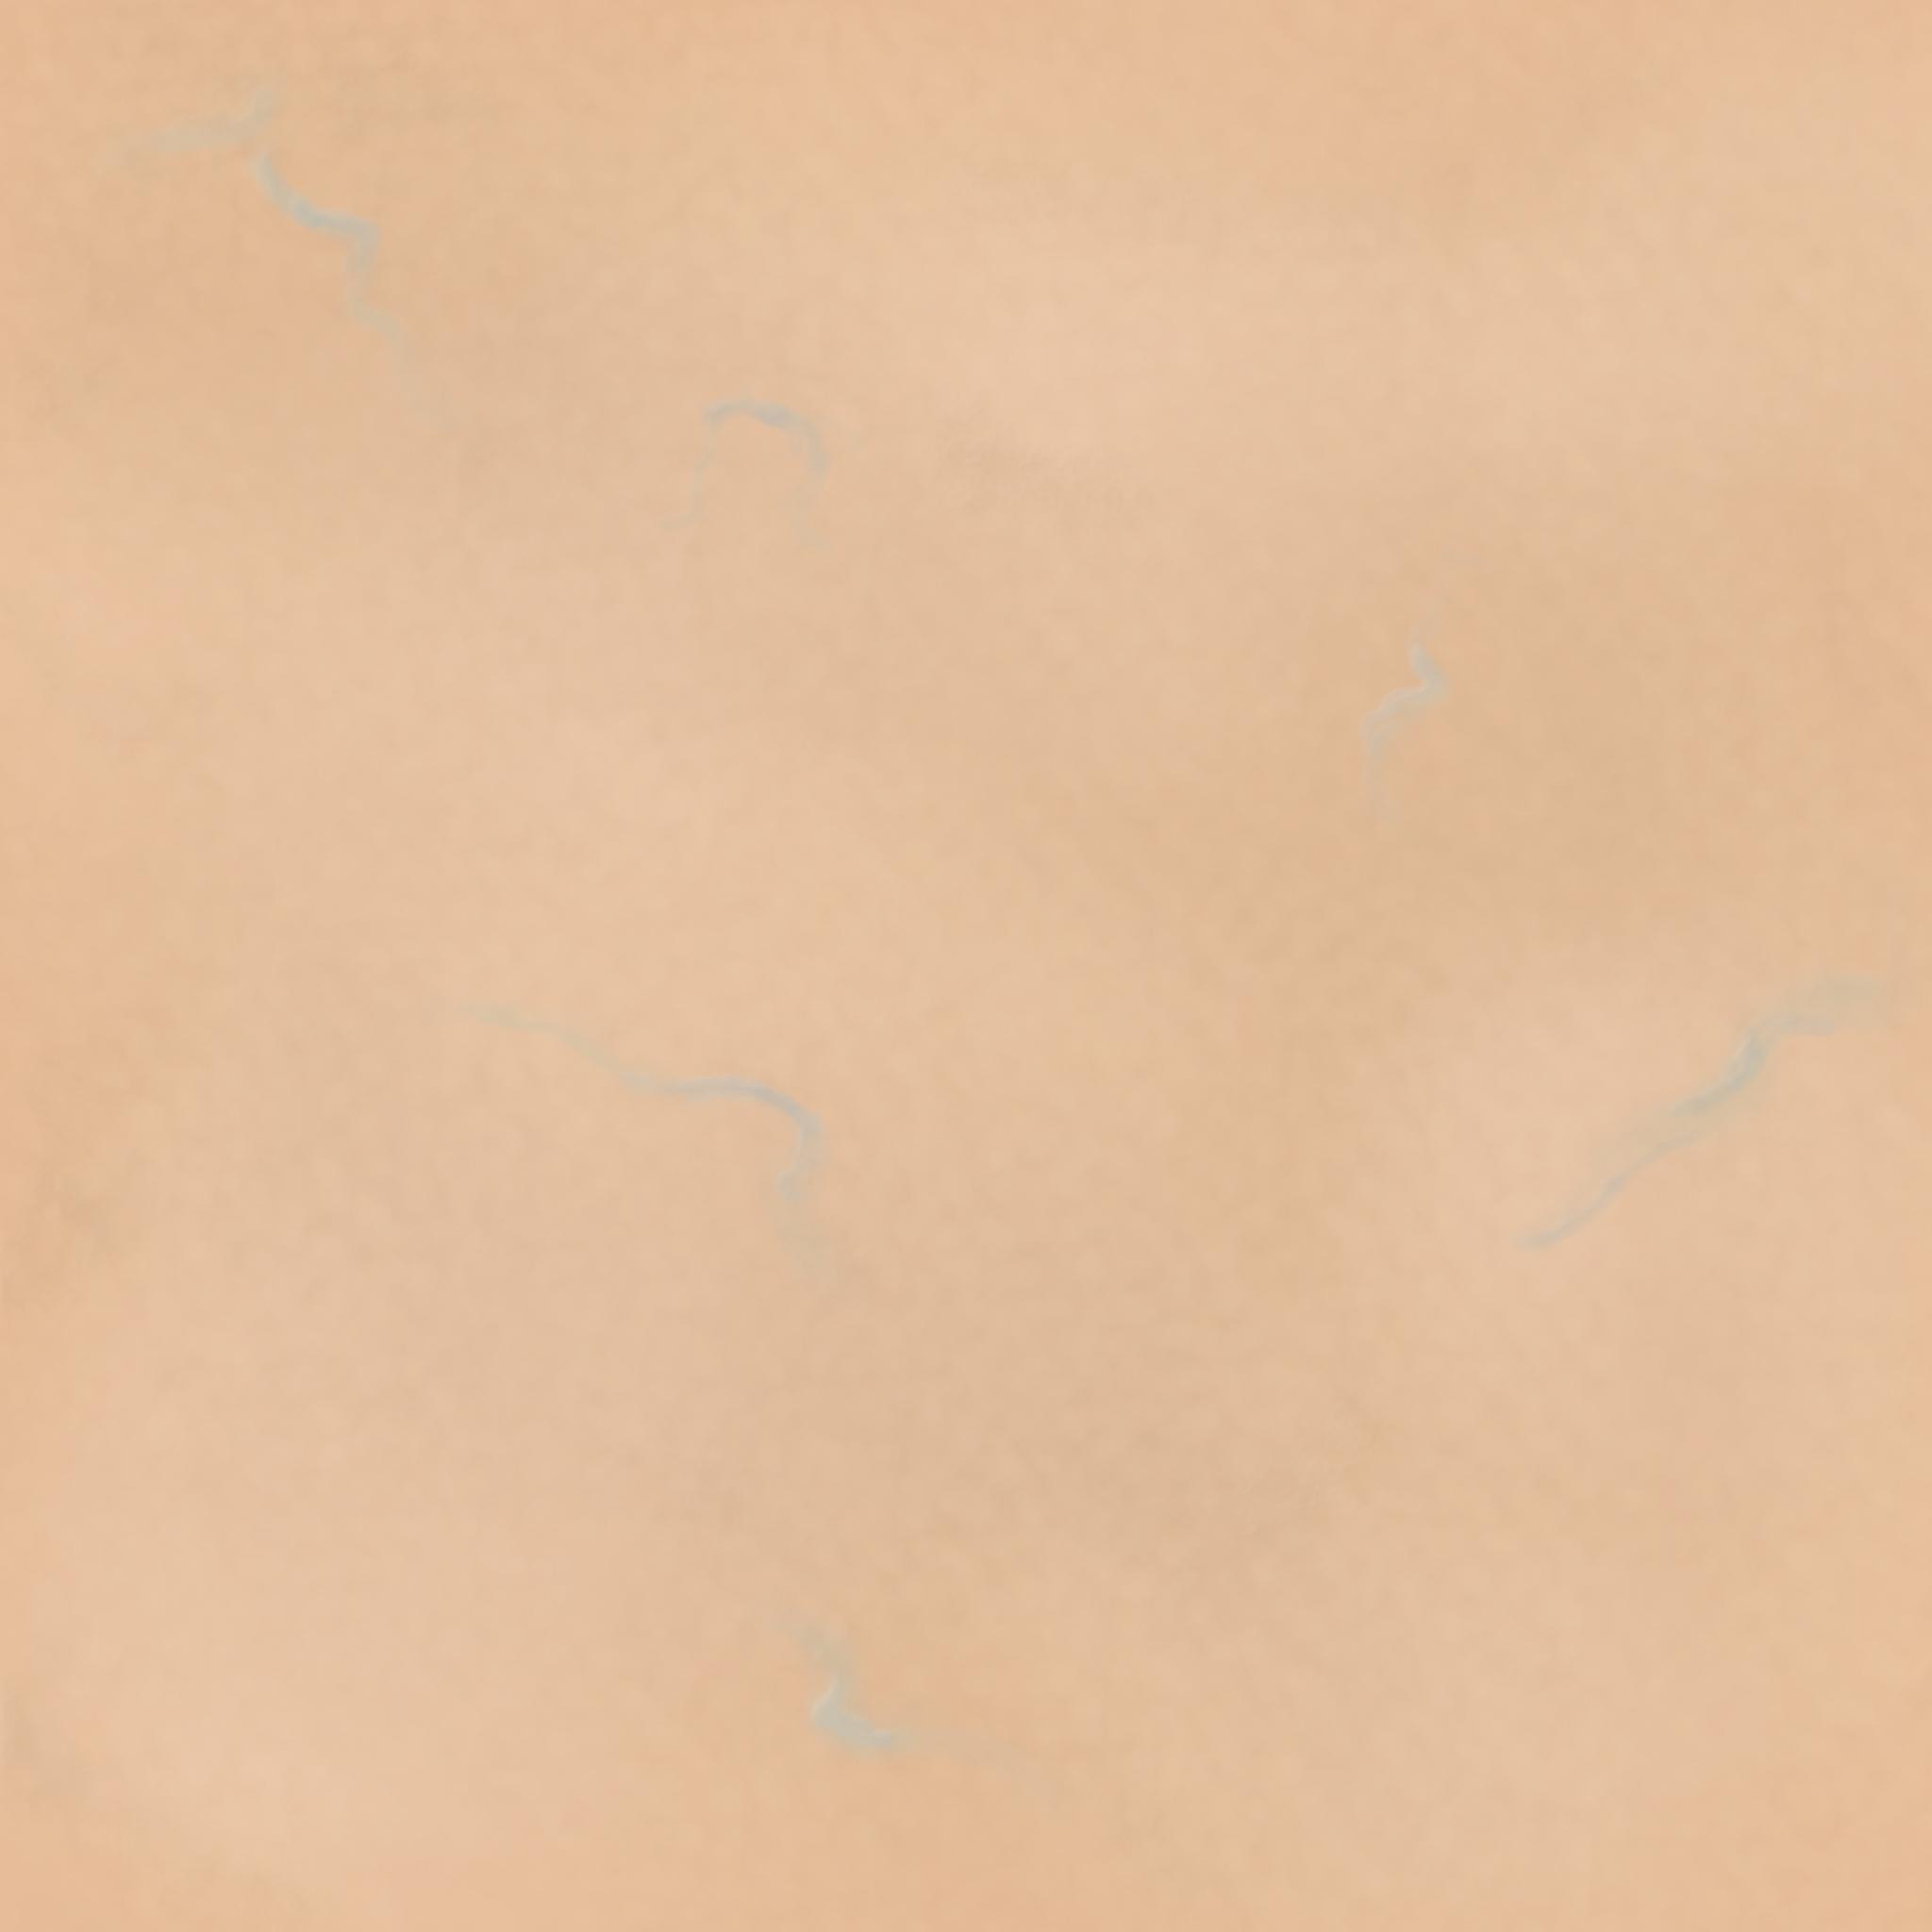 Skin Texture anishkrishan